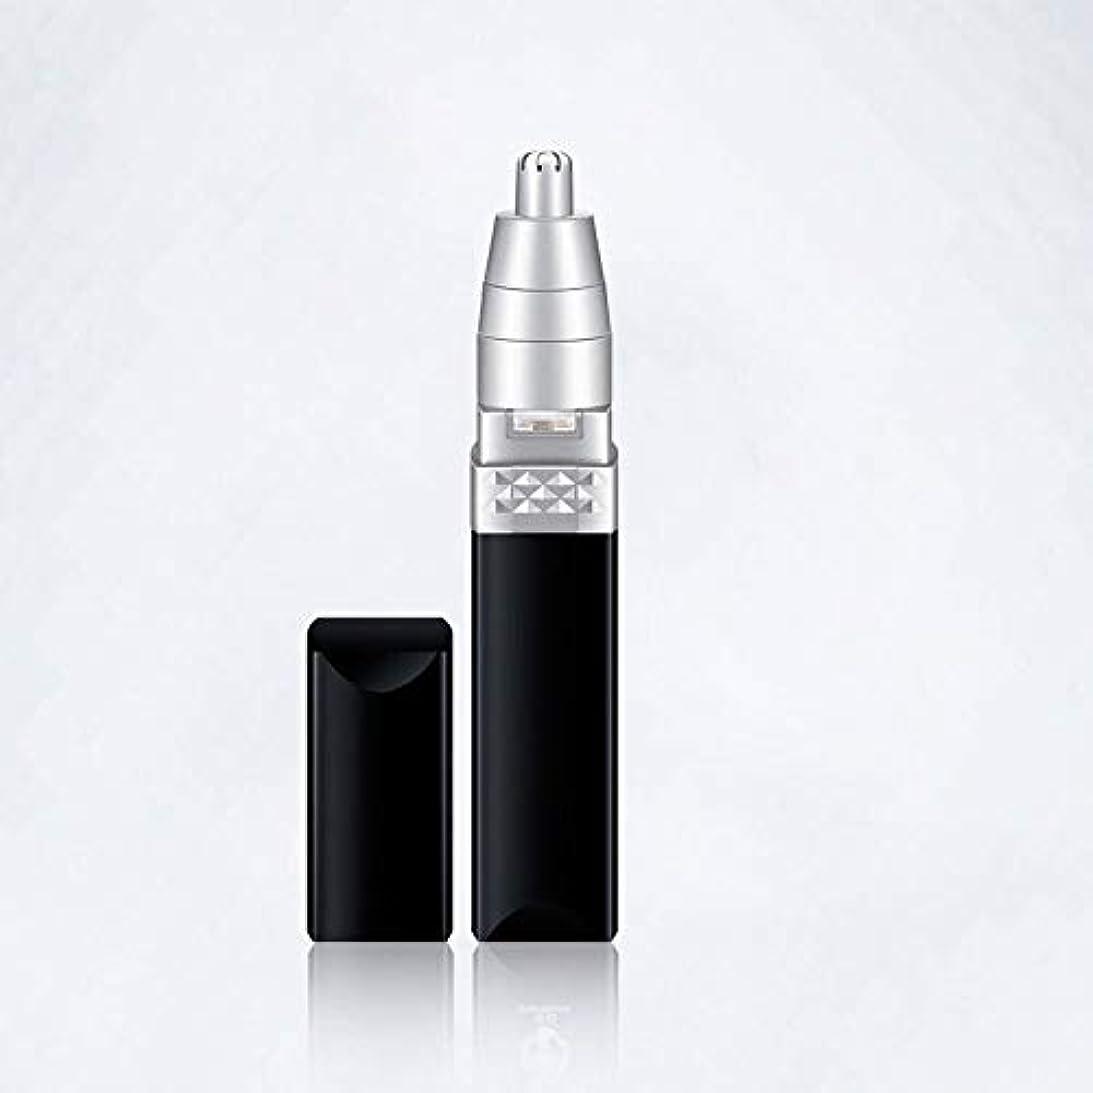 何要求しょっぱいノーズヘアトリマー-電気トリムヘッドは持ち運びが簡単で、/皮膚を傷つけません/赤外線デザインコンパクトで軽量な隠しスイッチ/持ち運びが簡単な取り外し可能なボディ/ 24 * 26 * 107CM 軽度の脱毛